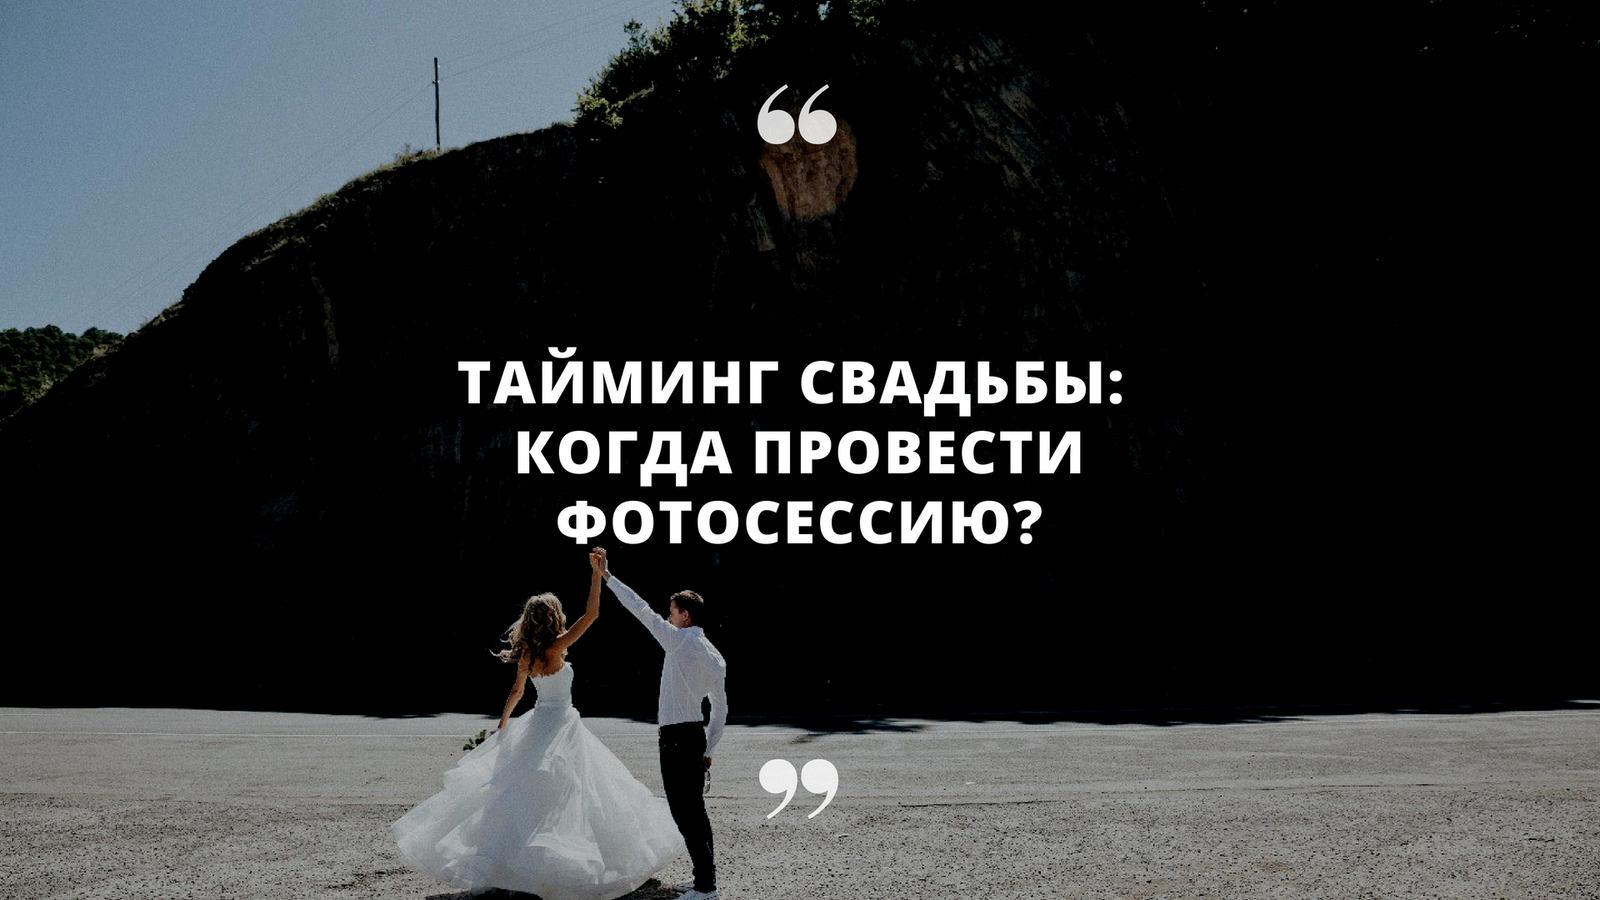 «Тайминг свадьбы: когда провести фотосессию?»